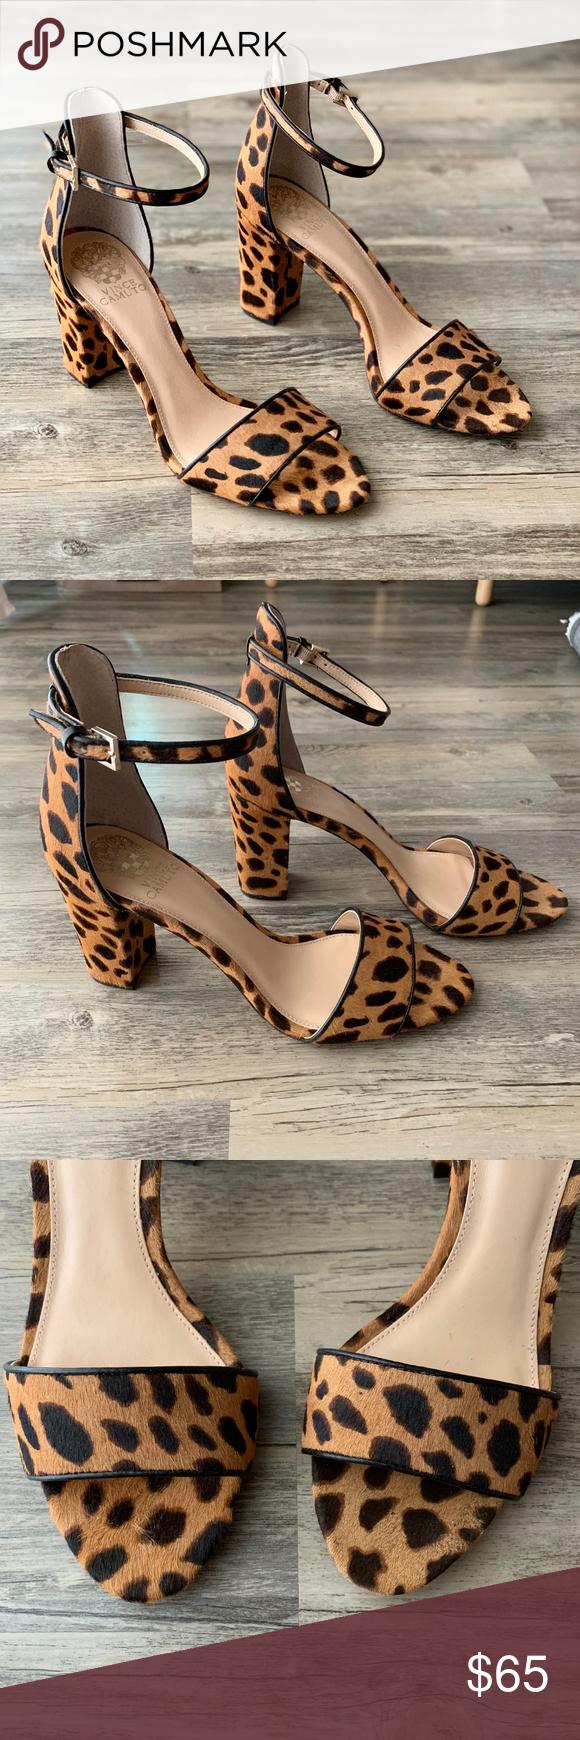 Vince Camuto Cheetah Leopard Block Heel